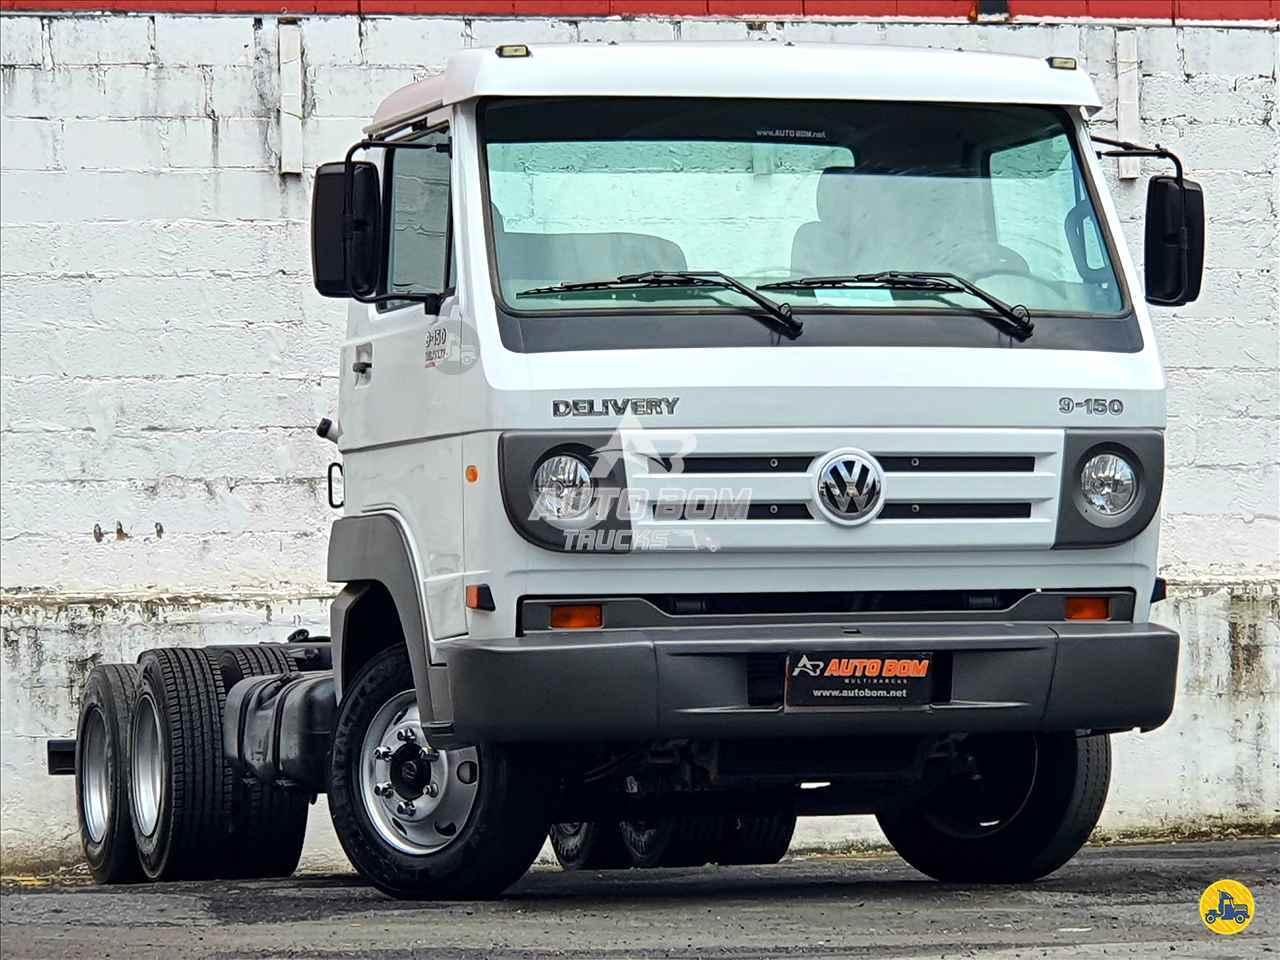 CAMINHAO VOLKSWAGEN VW 9150 Chassis 3/4 6x2 Autobom Trucks CONTAGEM MINAS GERAIS MG